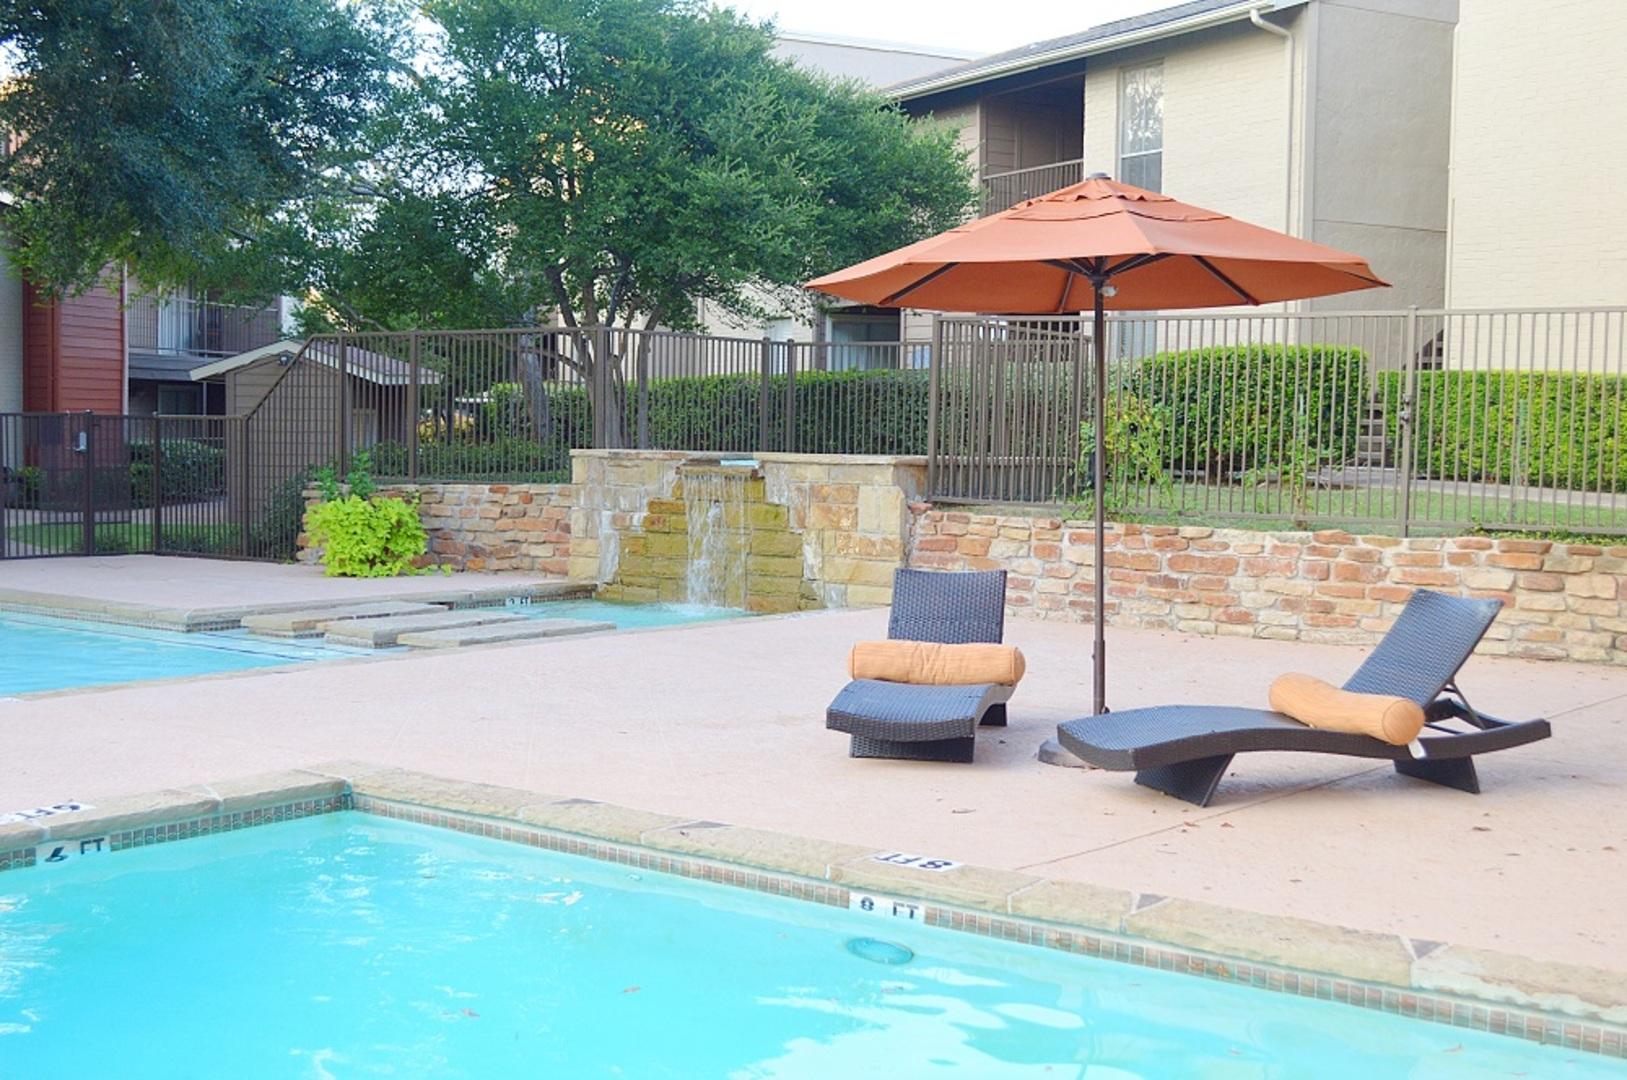 Enclave At Prestonwood Photo Gallery | Dallas, TX ...